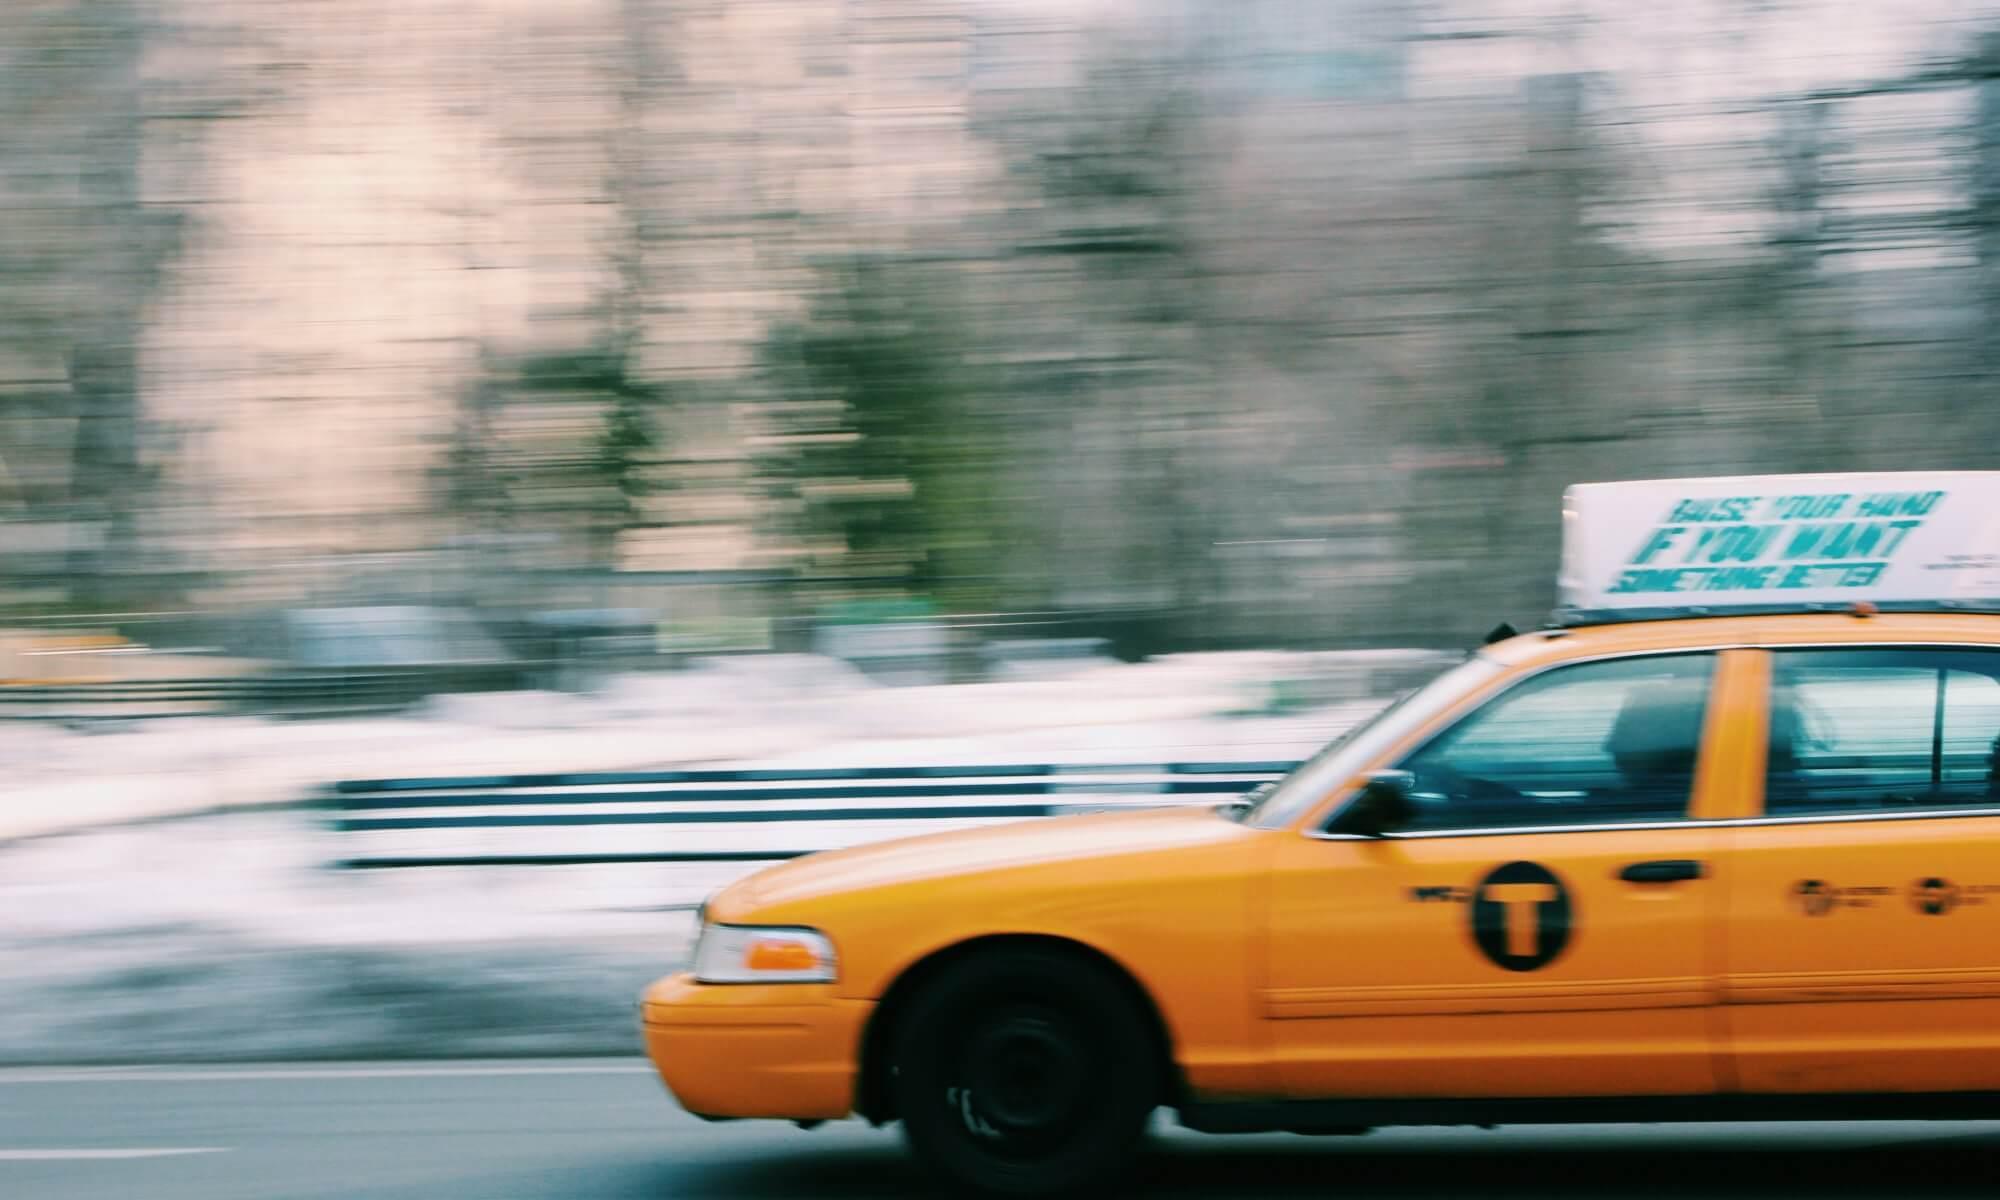 宇多田ヒカル/travelingのコード進行分析 - タクシー 2000x1200 - 宇多田ヒカル/travelingのコード進行分析